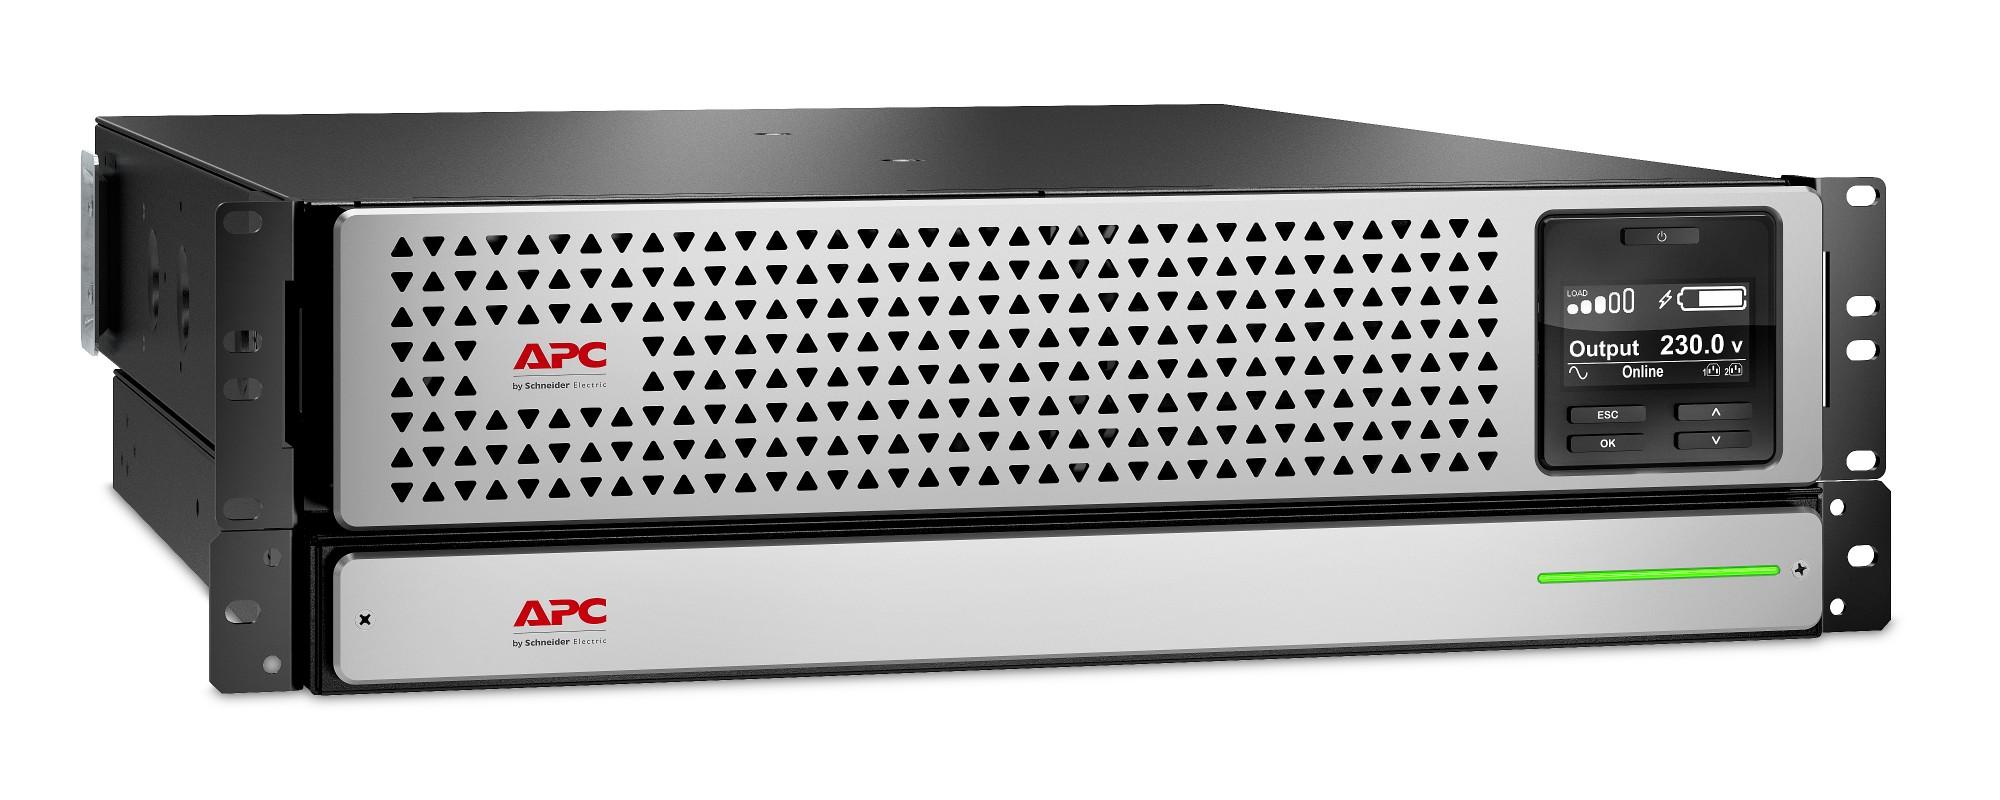 APC SMART-UPS SRT LI-ION 2200VA RM ACCS Doble conversión (en línea) 1980 W 8 salidas AC